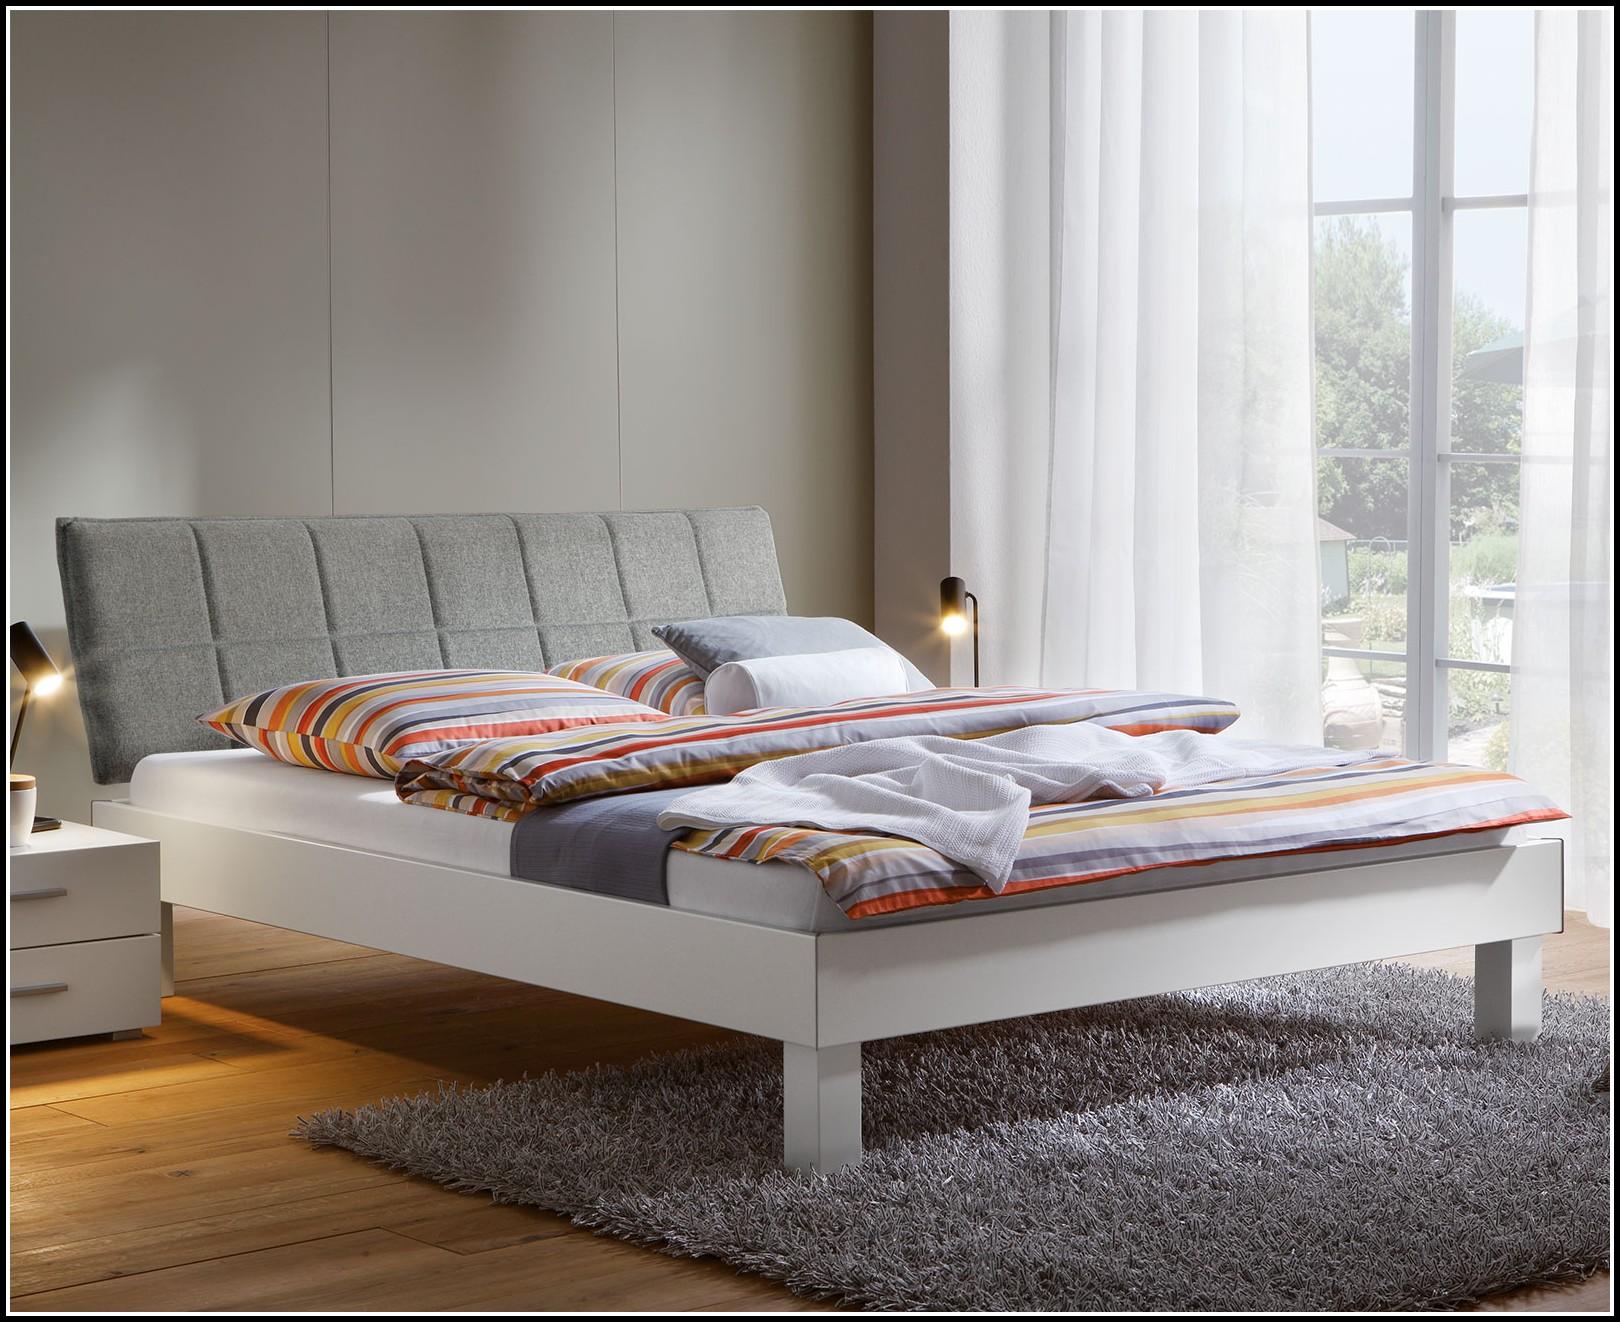 Betten Danischen Bettenlager